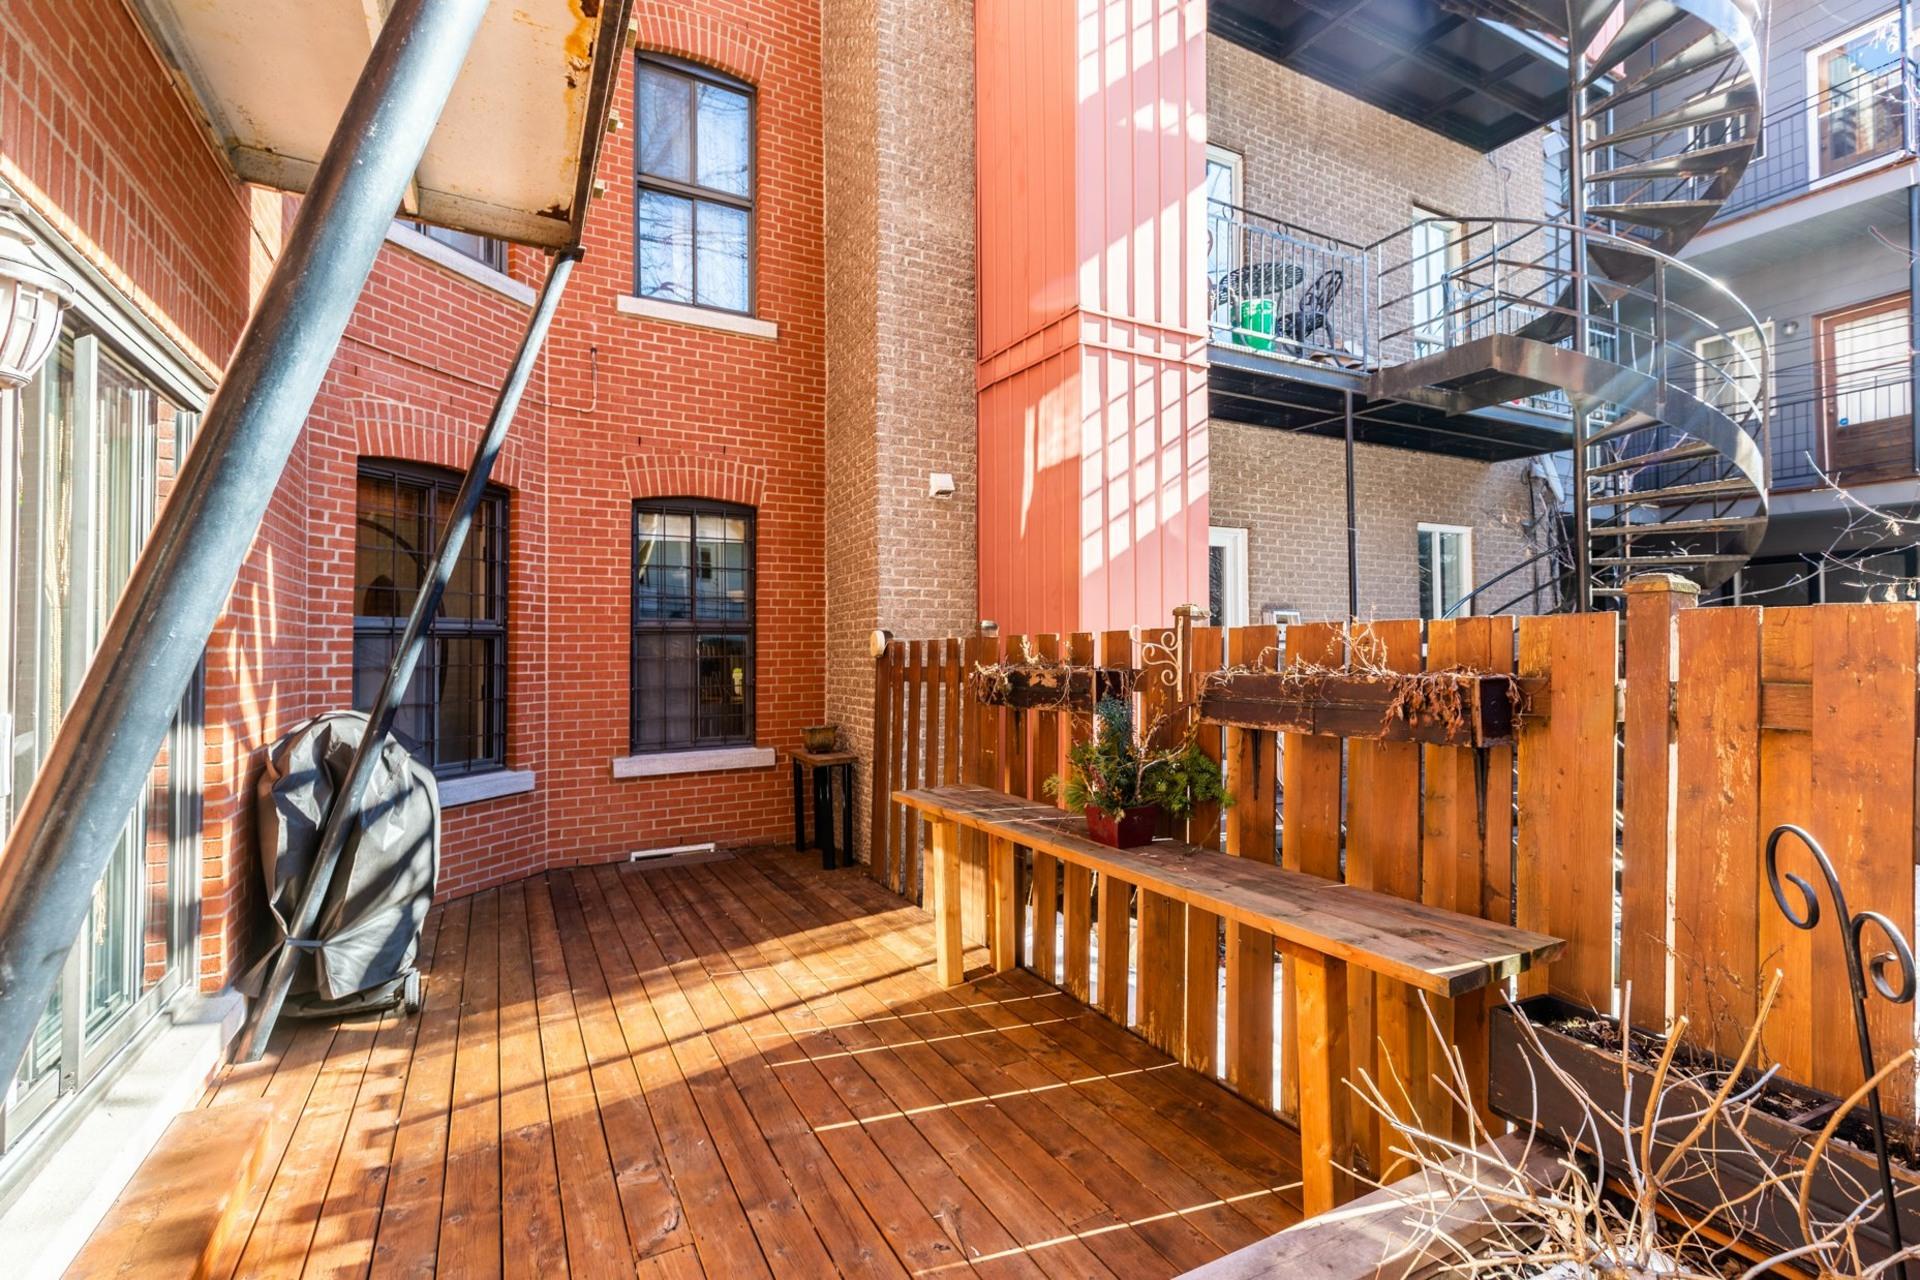 image 19 - Apartment For sale Le Plateau-Mont-Royal Montréal  - 6 rooms